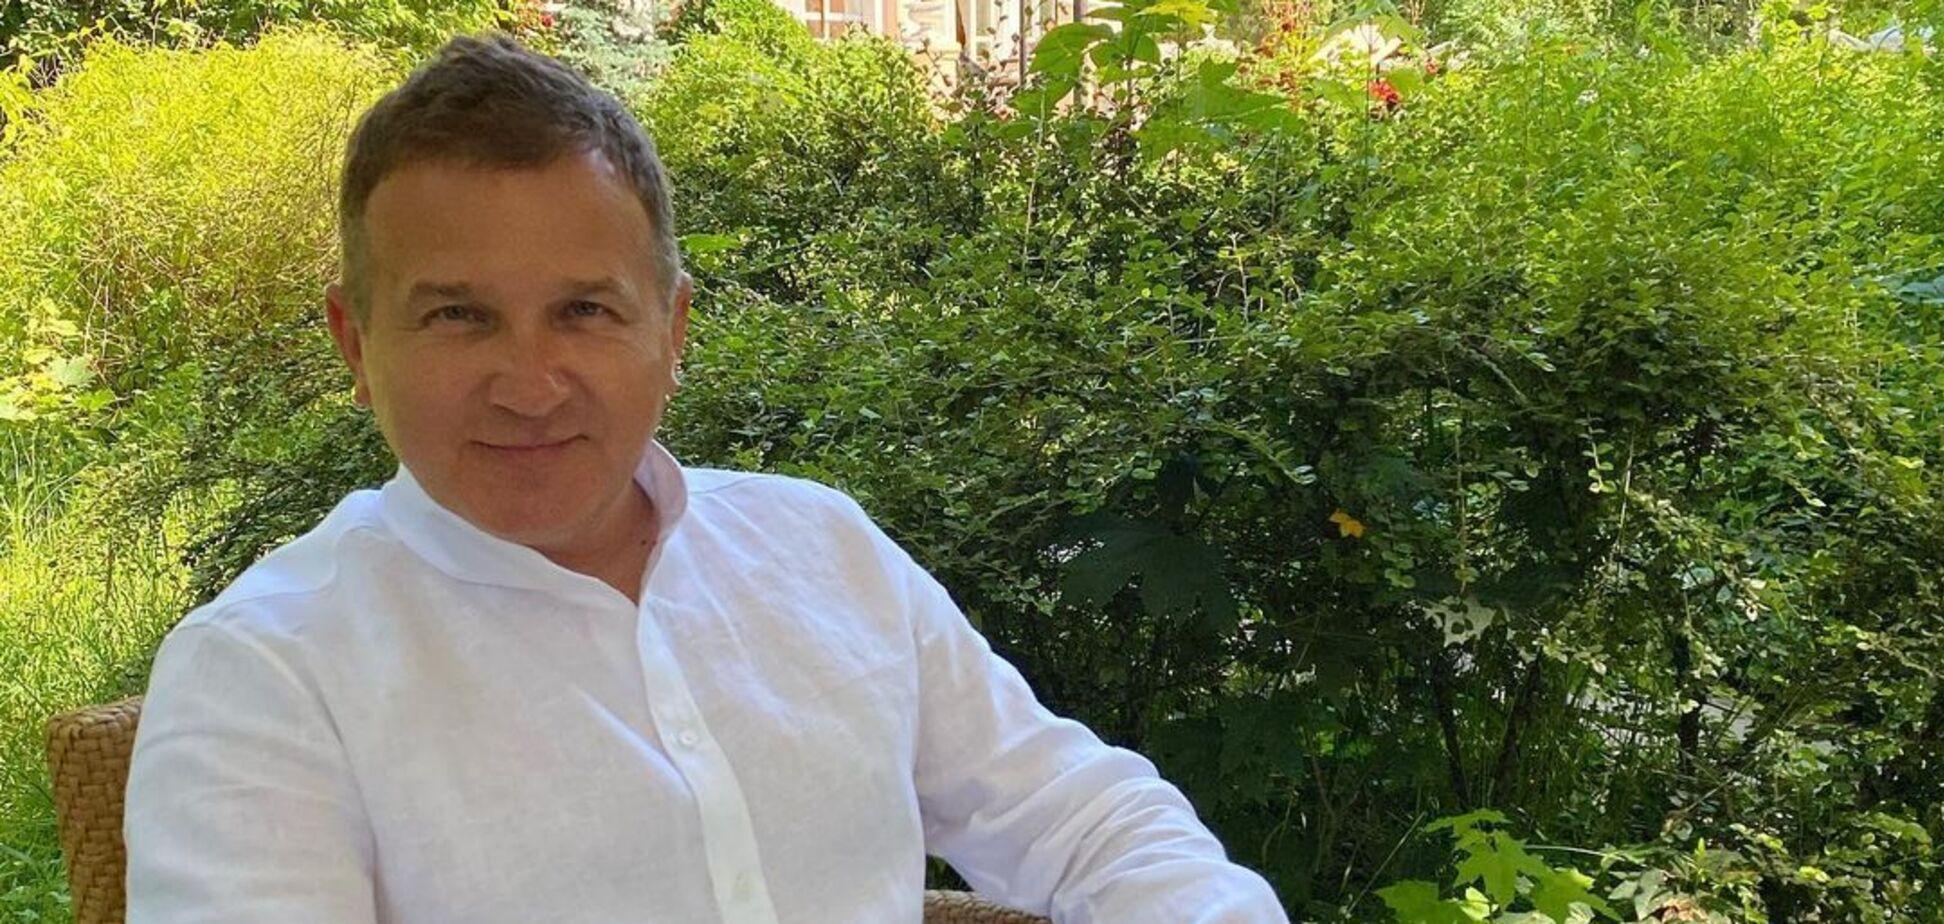 Юрий Горбунов показал редкое фото с усами